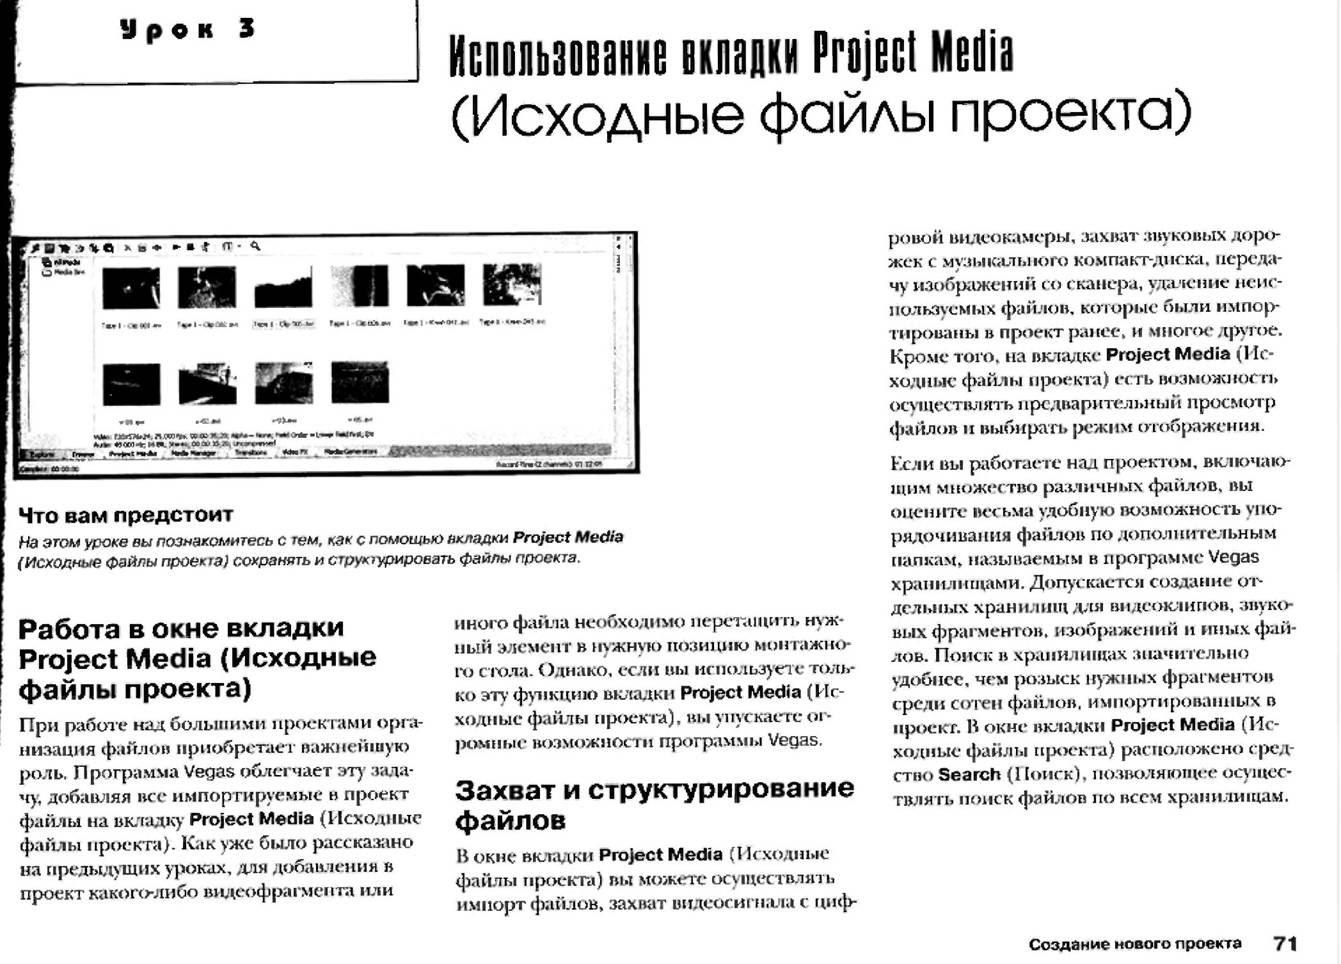 http://redaktori-uroki.3dn.ru/_ph/12/305499333.jpg